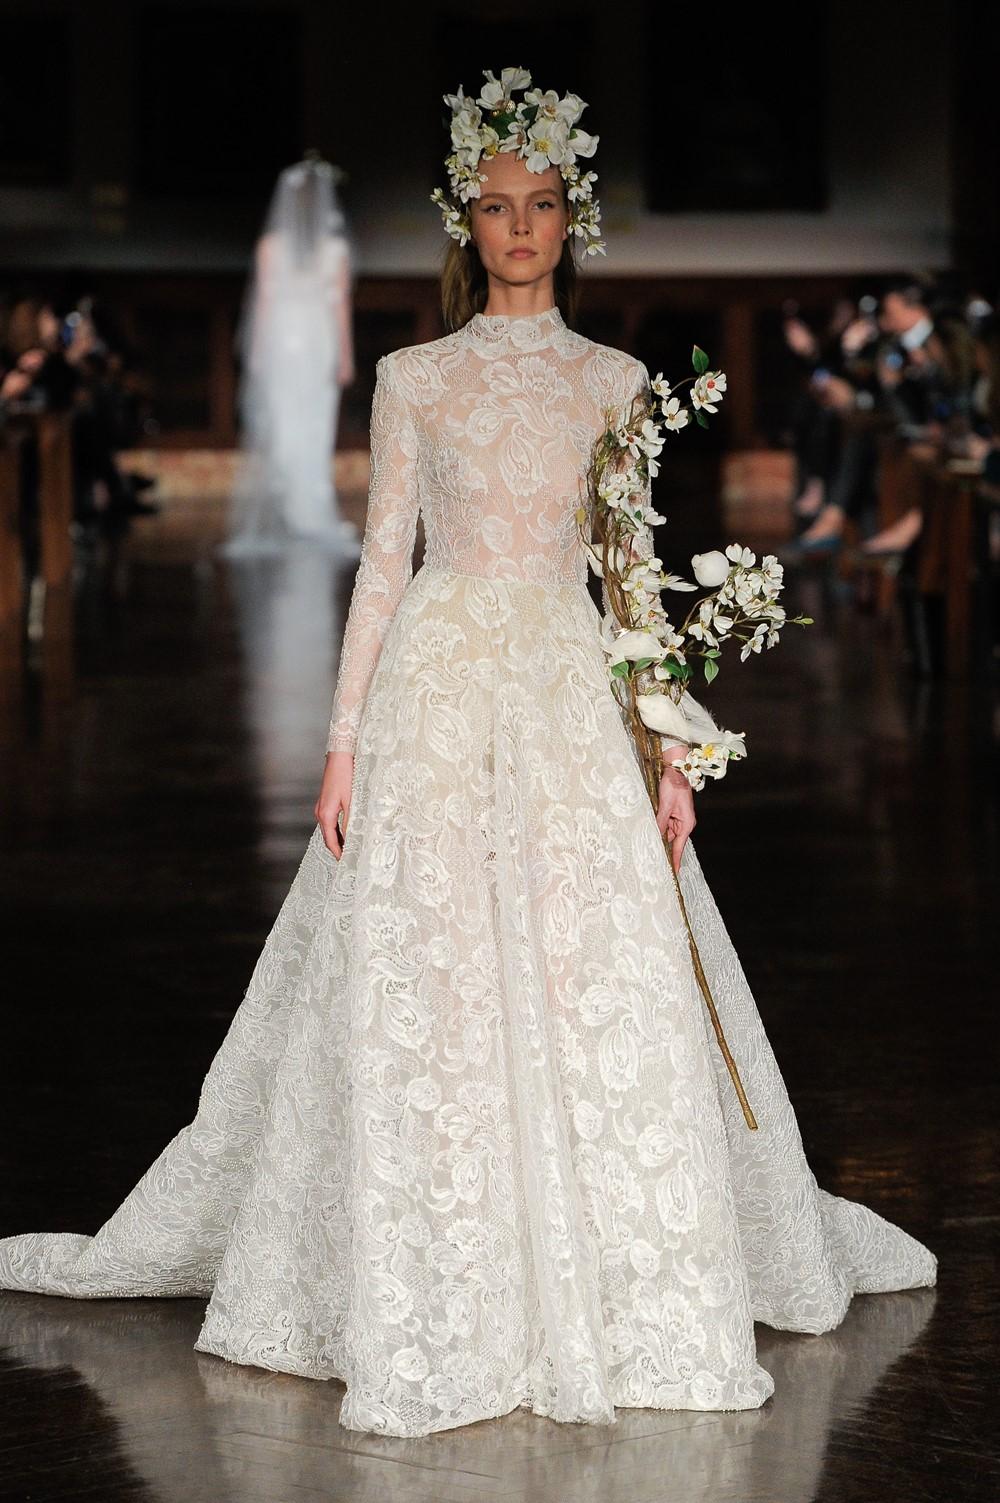 2019 Bridal Trends - Long Sleeves Reem Acra